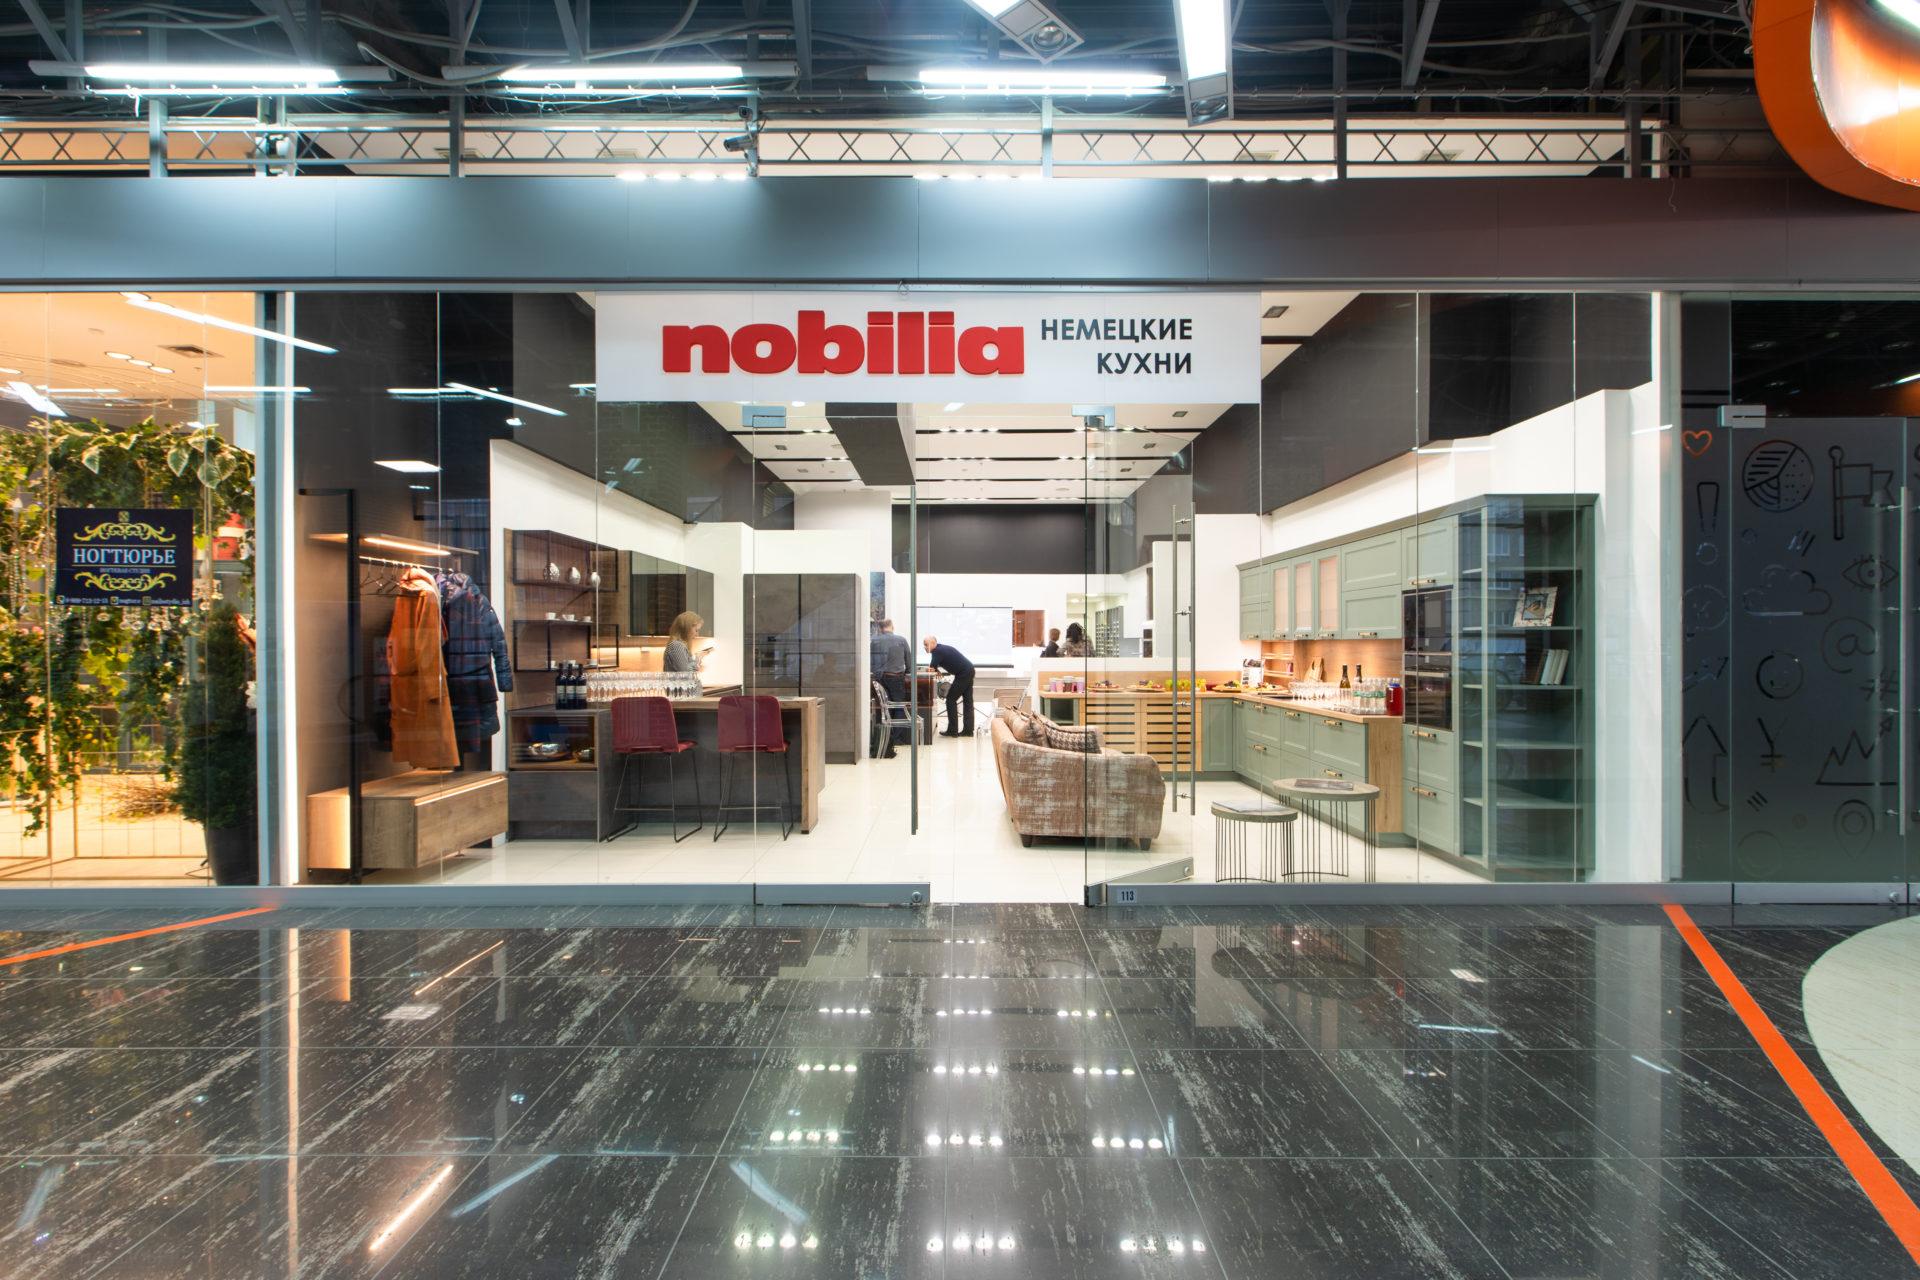 Nobilia — перезагрузка. О нас в коммуникационном агентстве FCProject.